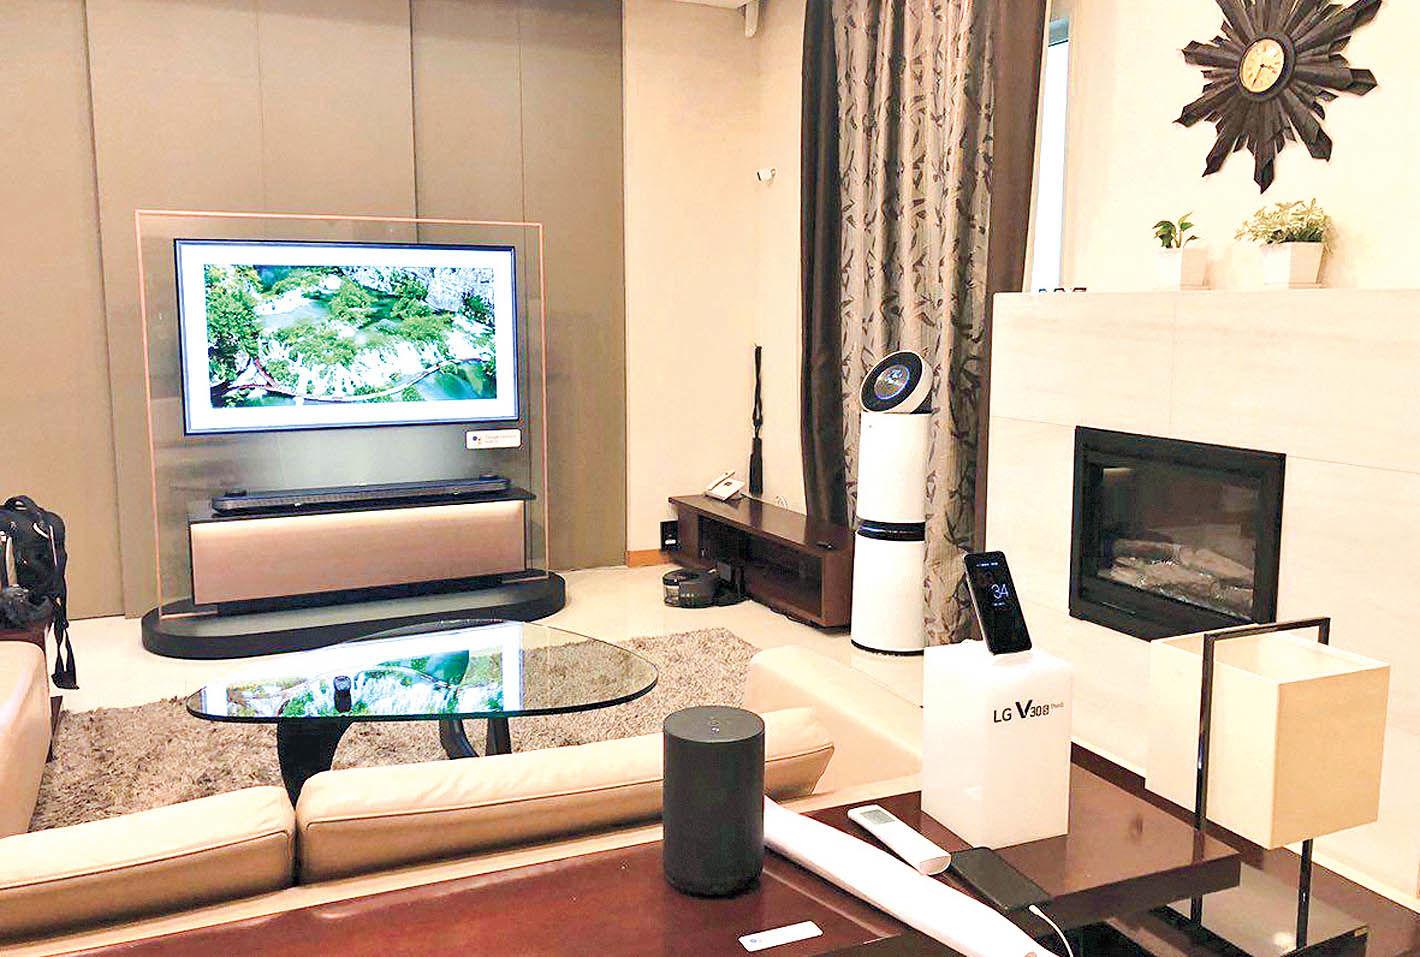 مسیر آینده محصولات خانگی هوشمند